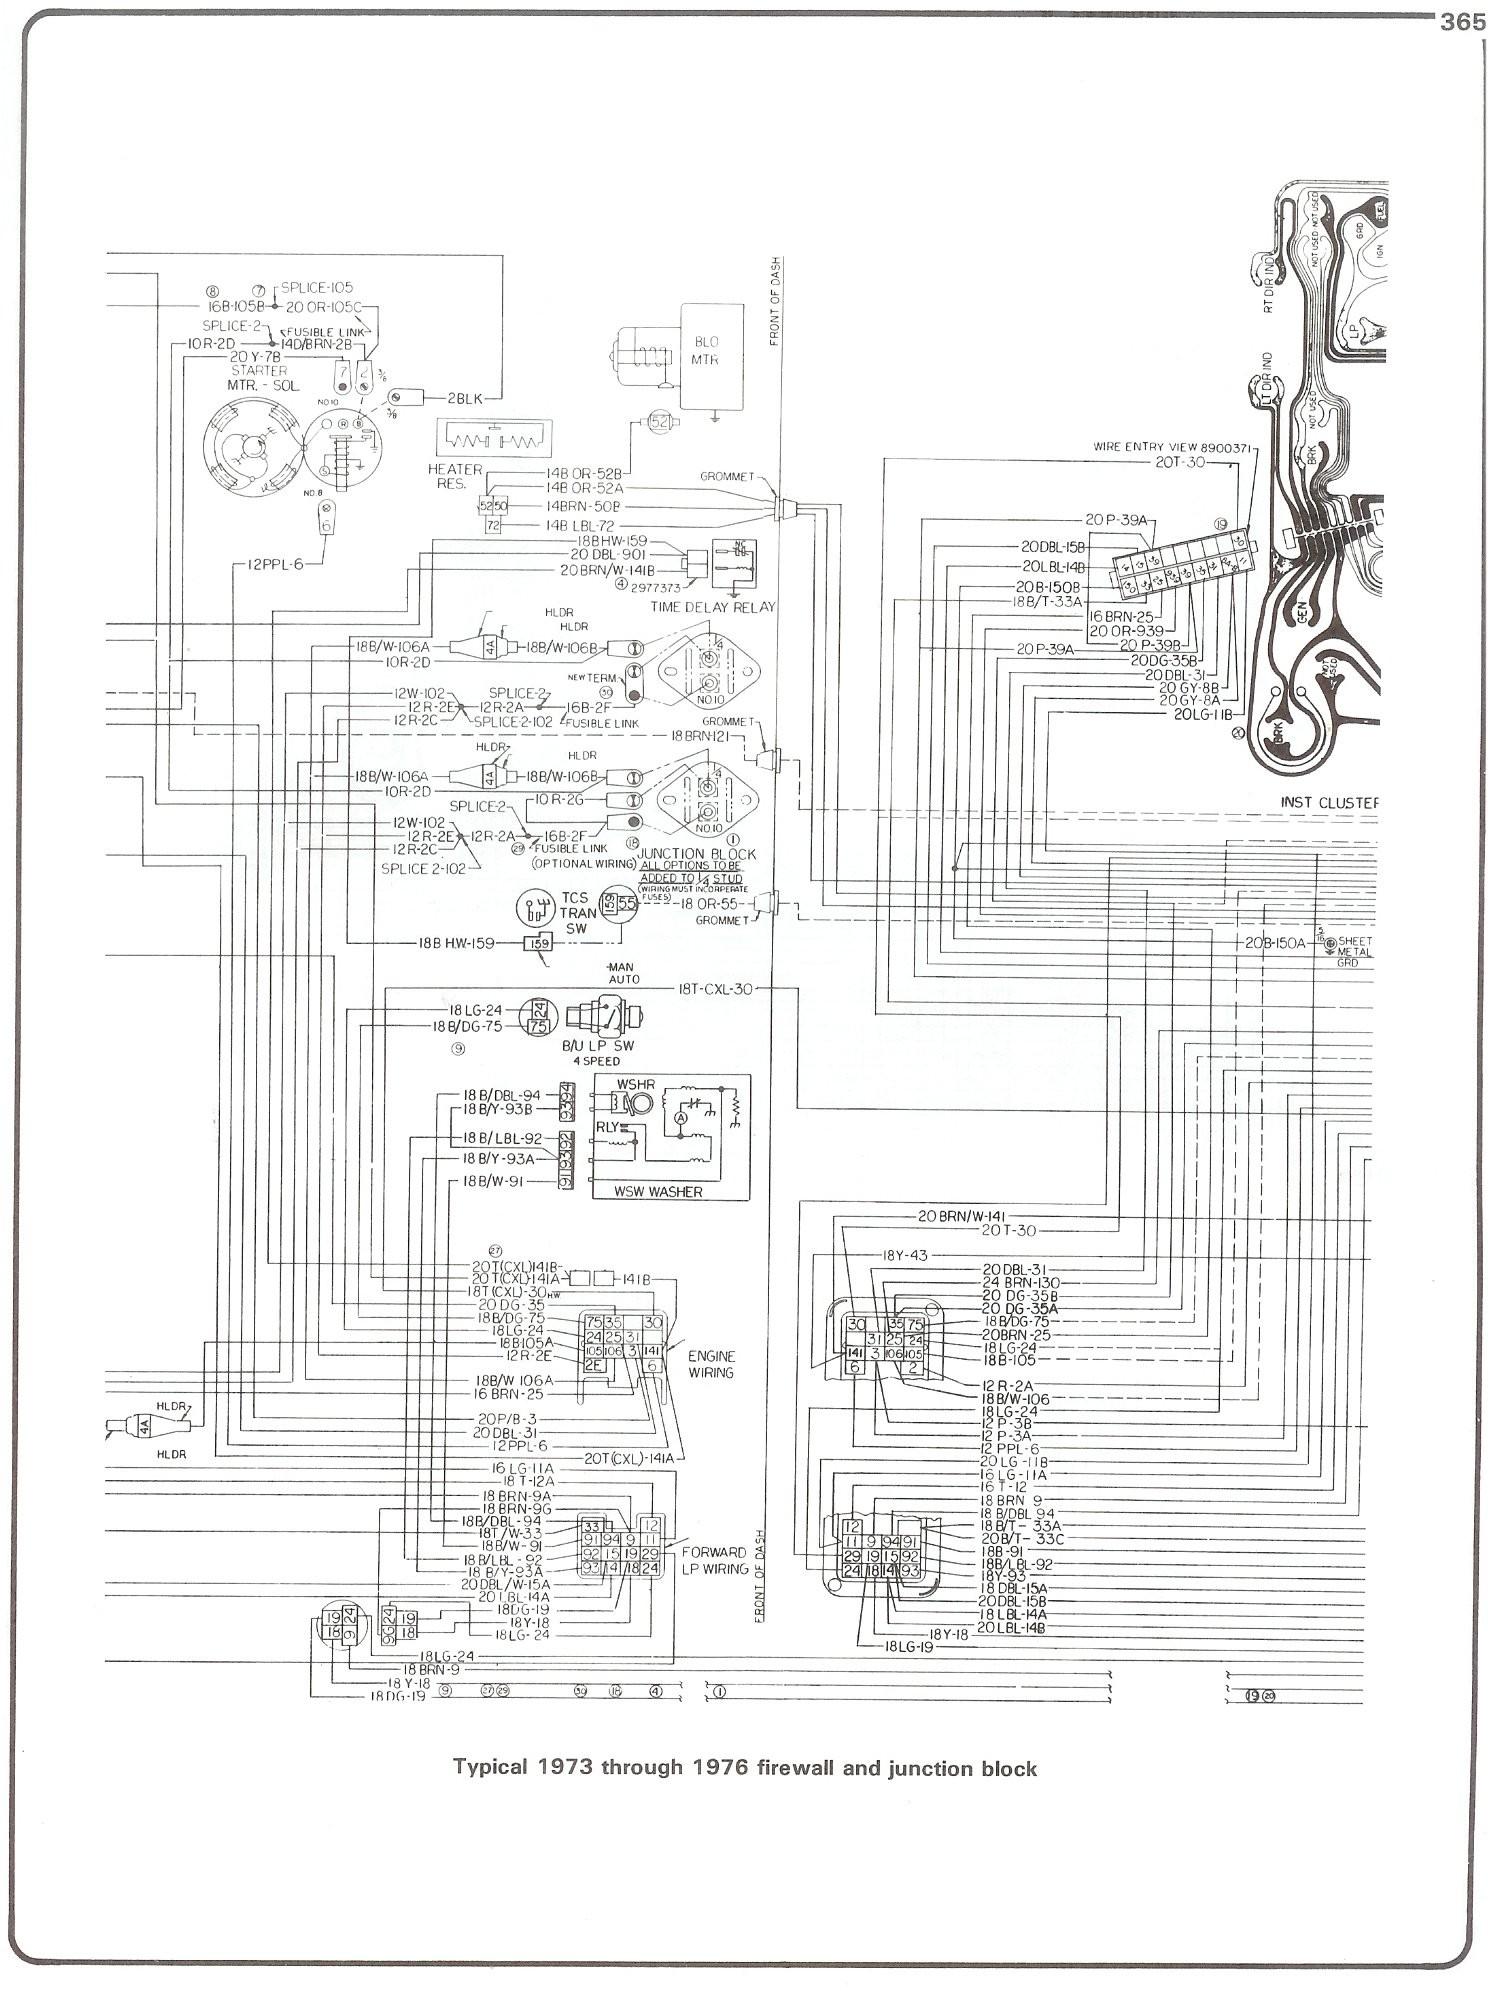 84 Chevy Silverado K20 solenoid Wiring Diagram Schematic 1984 Gmc Sierra Wiring Diagram Wiring Diagrams Electro Of 84 Chevy Silverado K20 solenoid Wiring Diagram Schematic